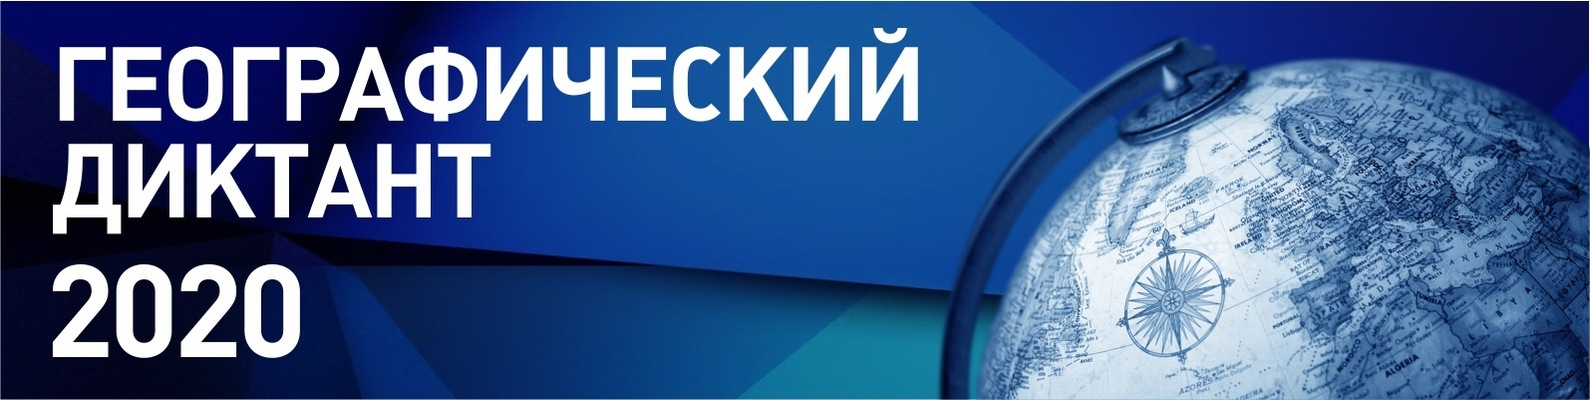 Географический диктант 2020 | ВКонтакте